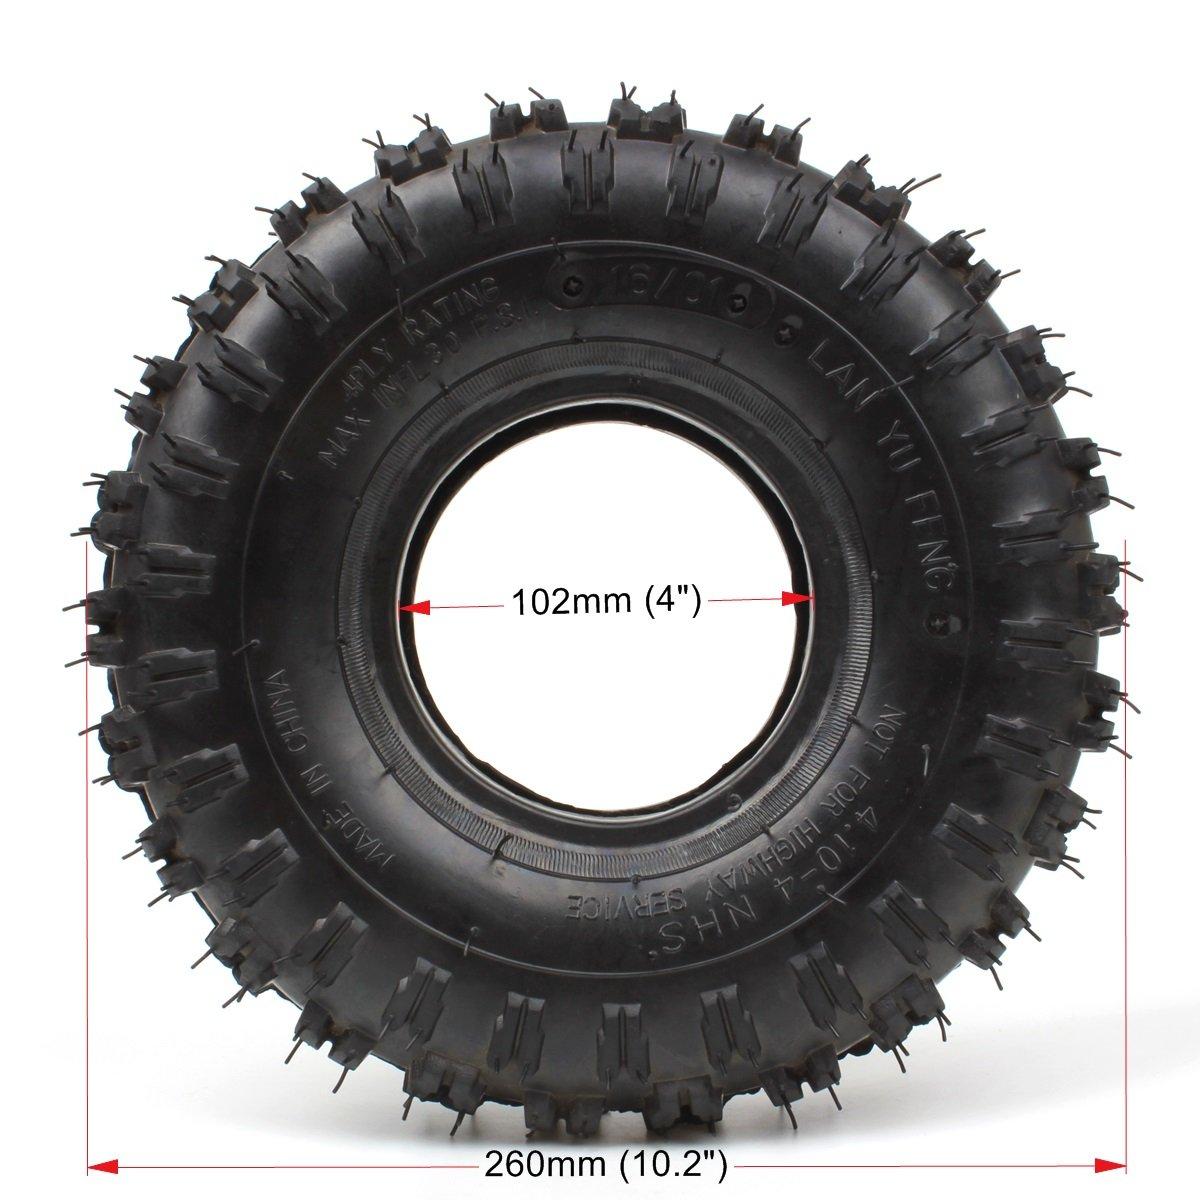 wingsmoto 4.10 - 4 410 - 4 4,10/3,50 - 4 neumático + tubo interior para jardín Rototiller soplador de nieve GO Cart Kid ATV: Amazon.es: Coche y moto